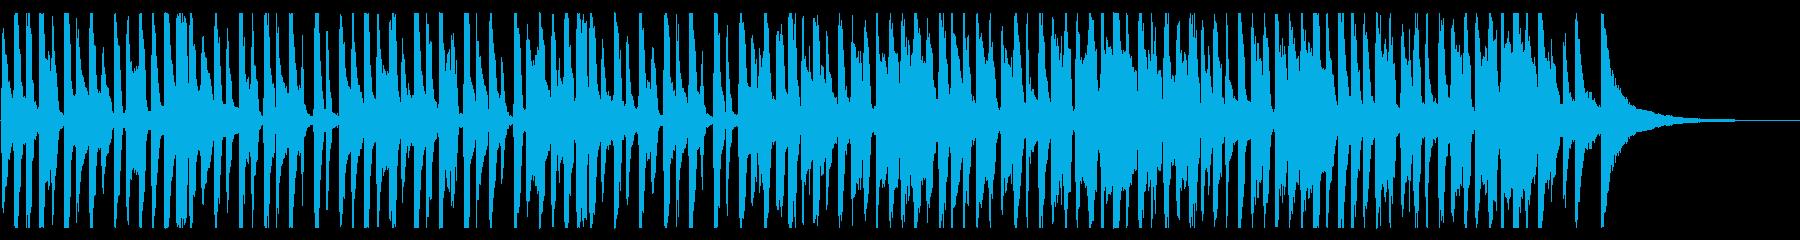 ラフなレゲエ_5の再生済みの波形